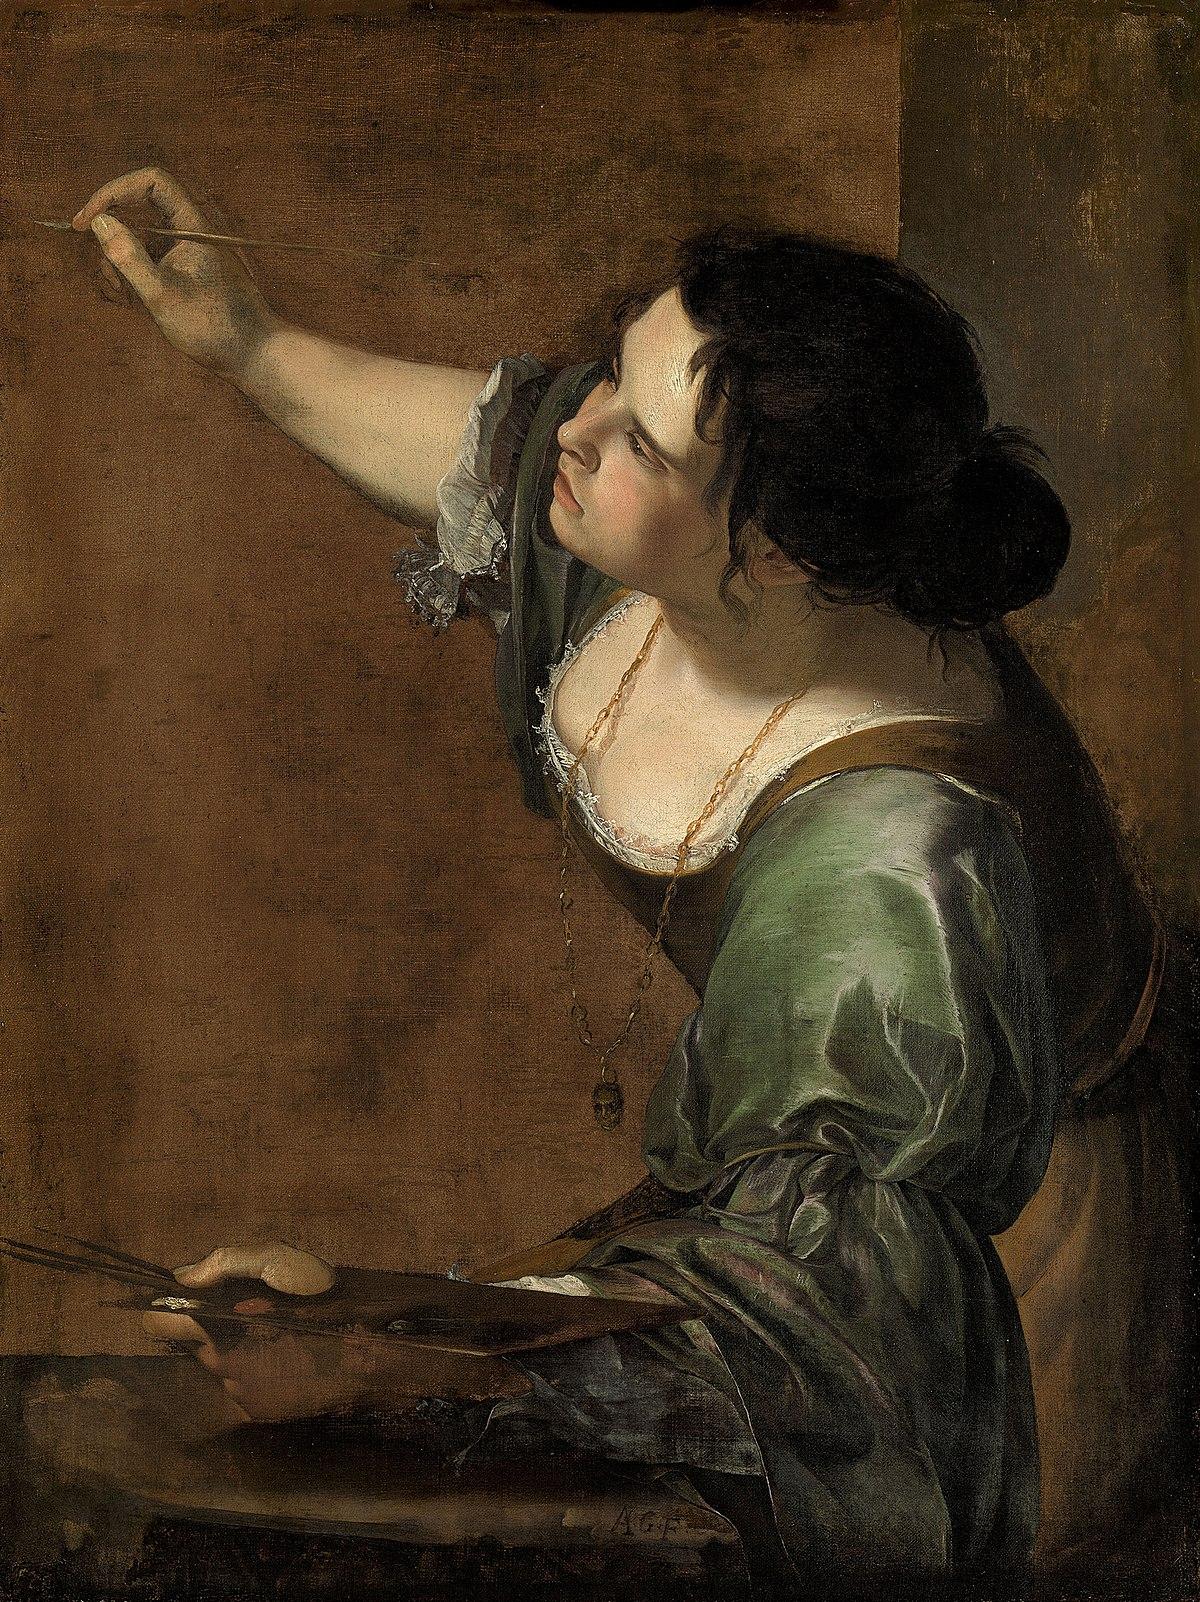 Art on Tuesdays: Fierce Females, Women in Art